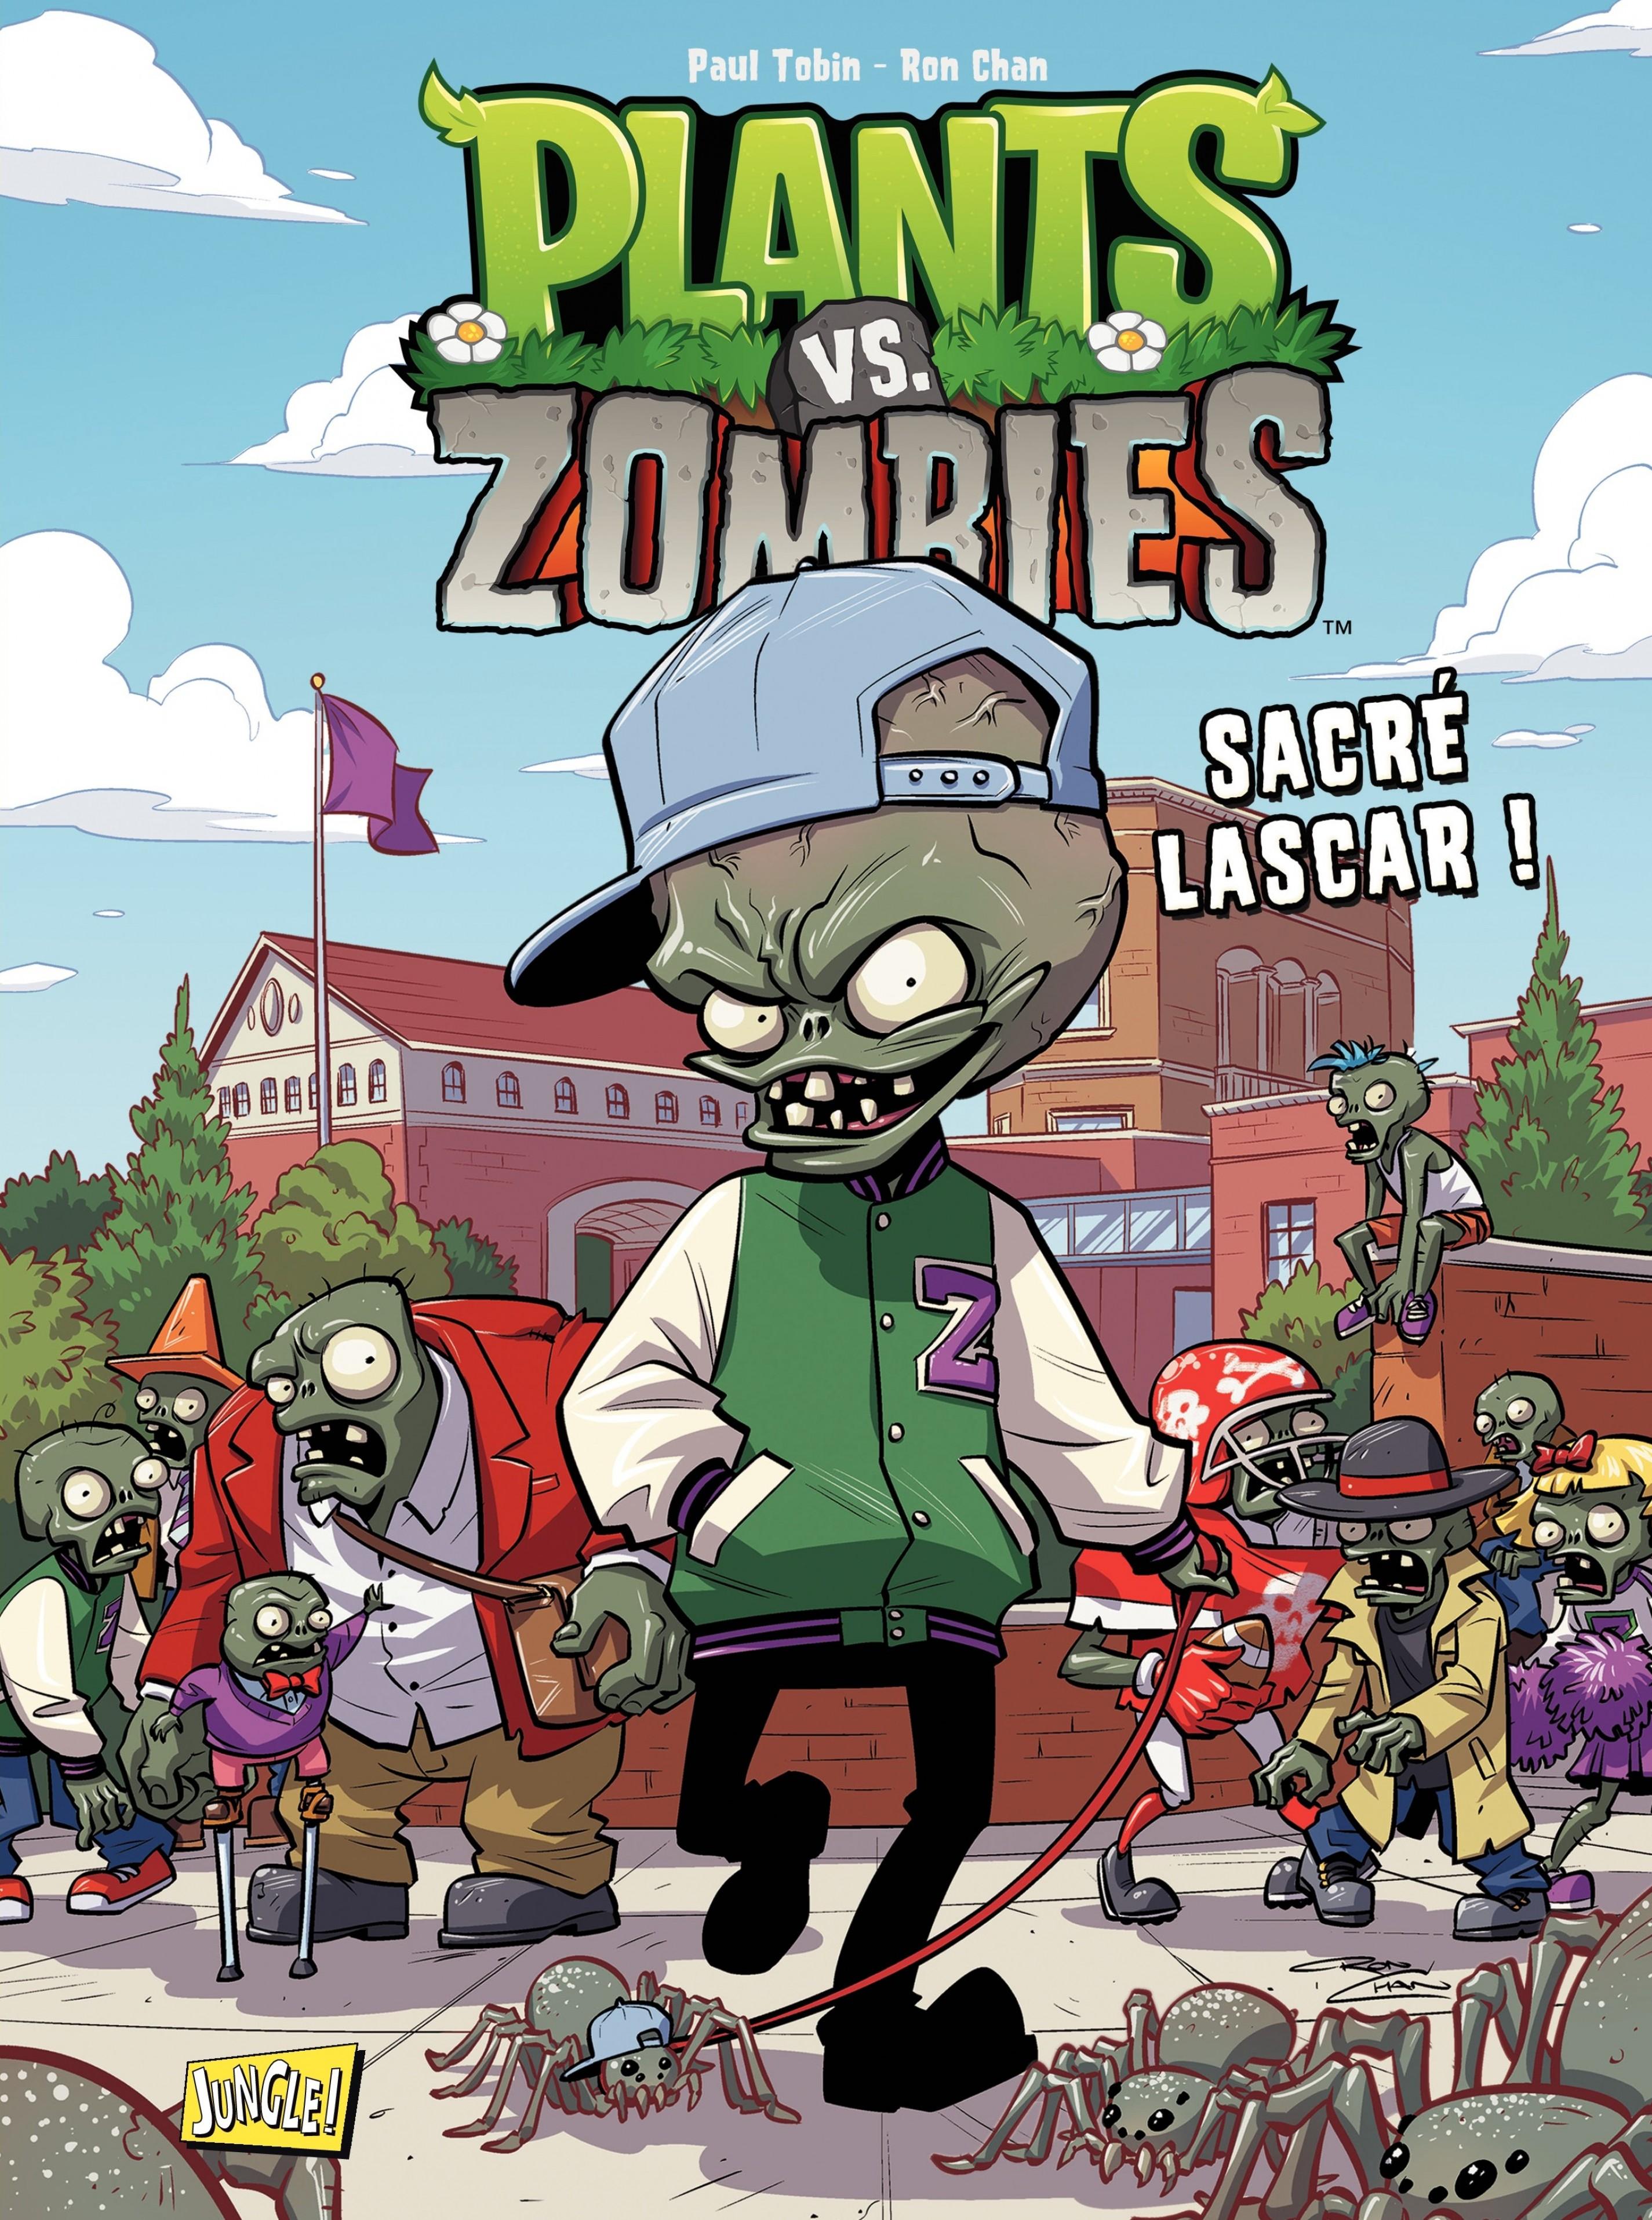 Plants vs zombies - Tome 3 - Sacré Lascar | Ron Chan,